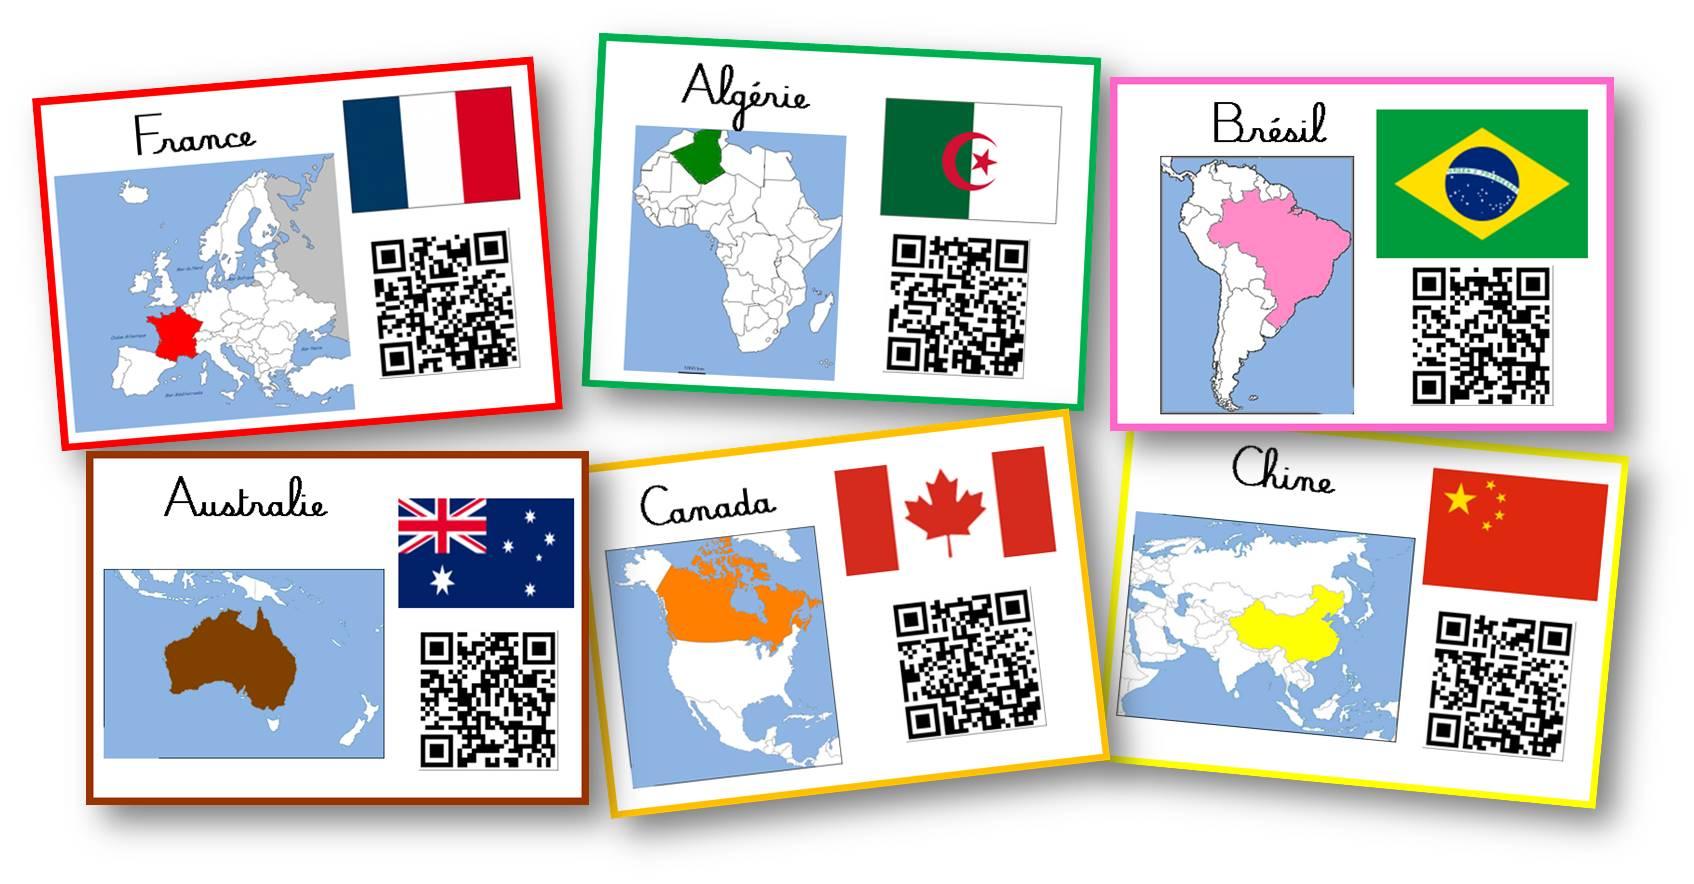 cartes des hymes de pays